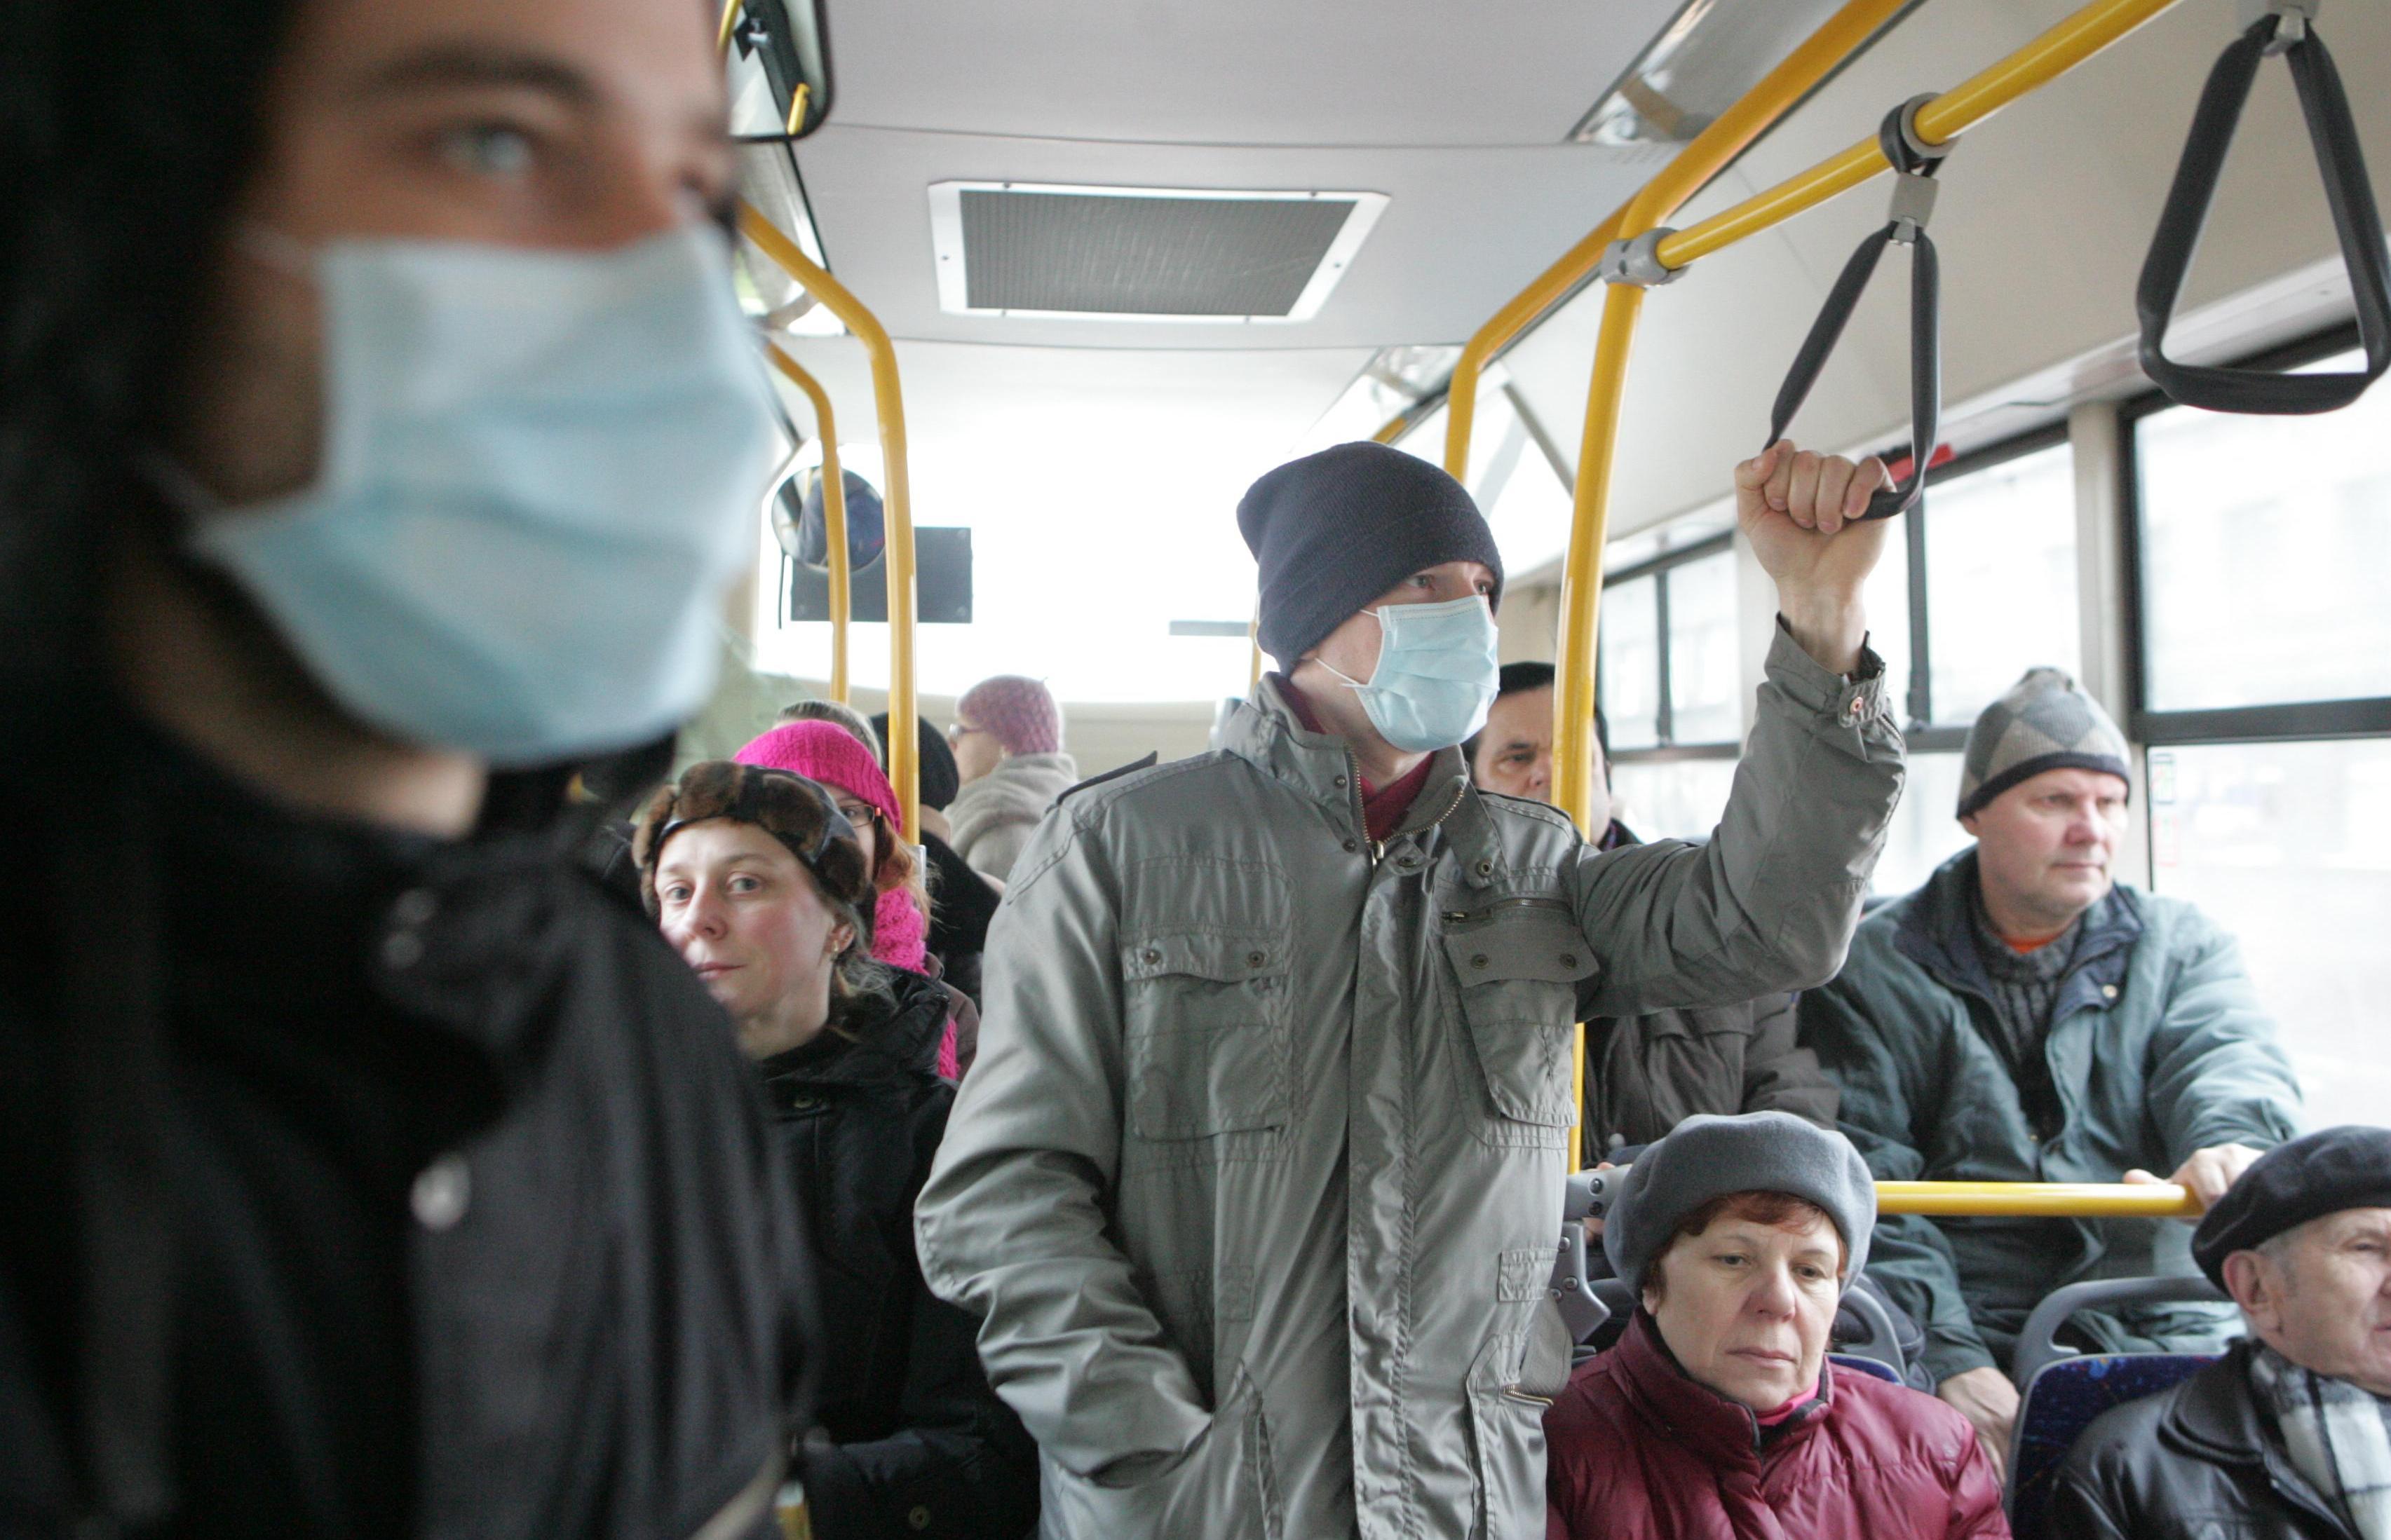 Эксперты рассказали, кого накажут за нарушение масочного режима в Тверской области - новости Афанасий